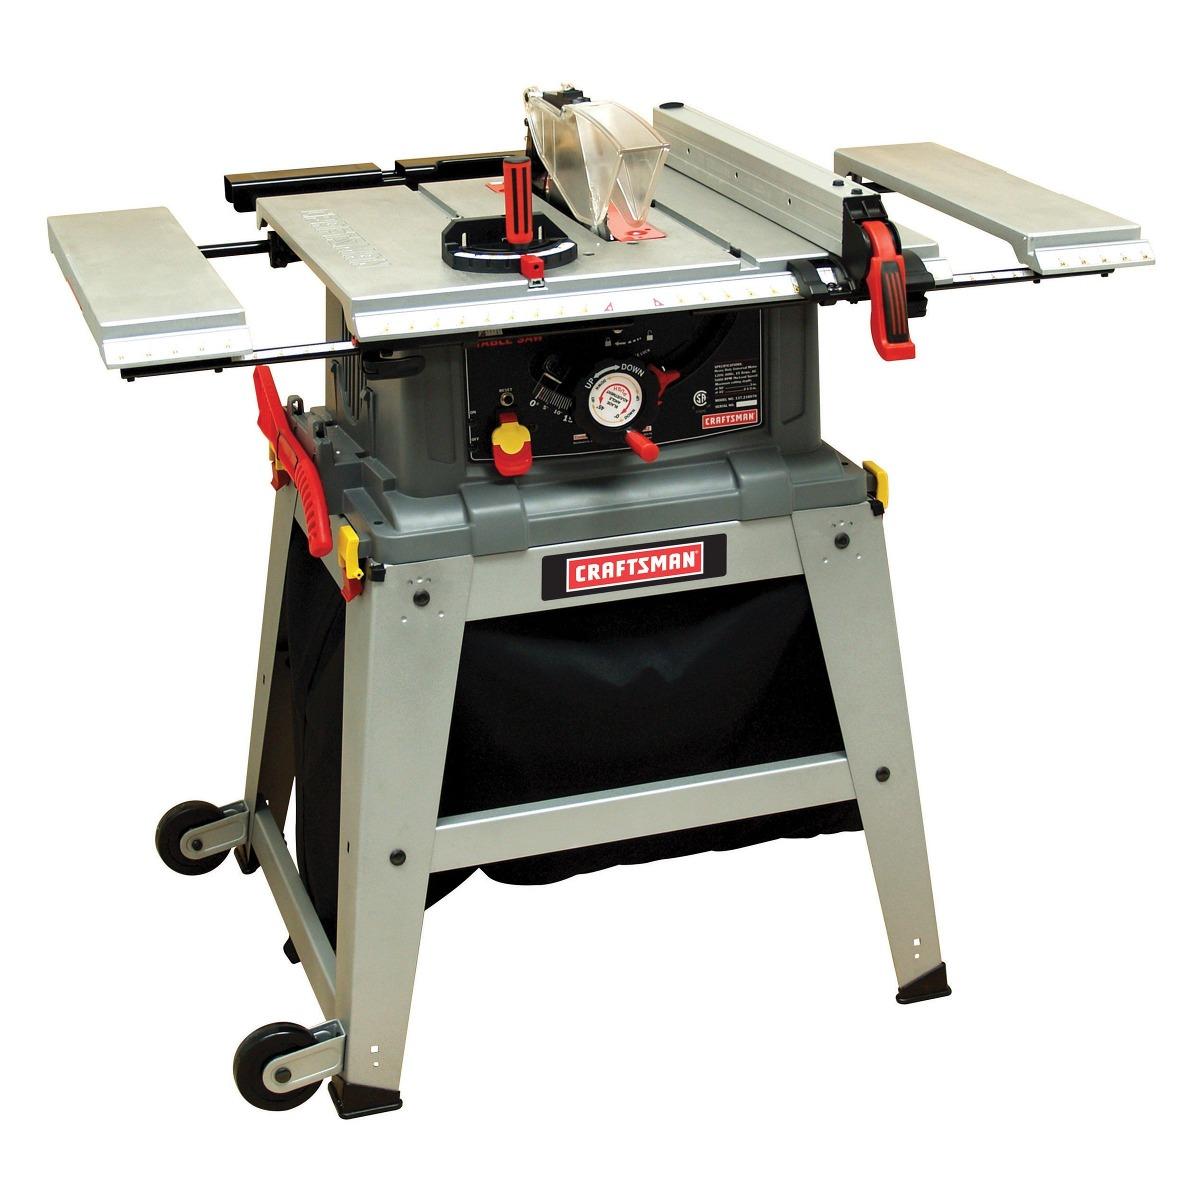 Craftsman sierra de mesa de 10 in laser track envio gratis for Sierras de mesa